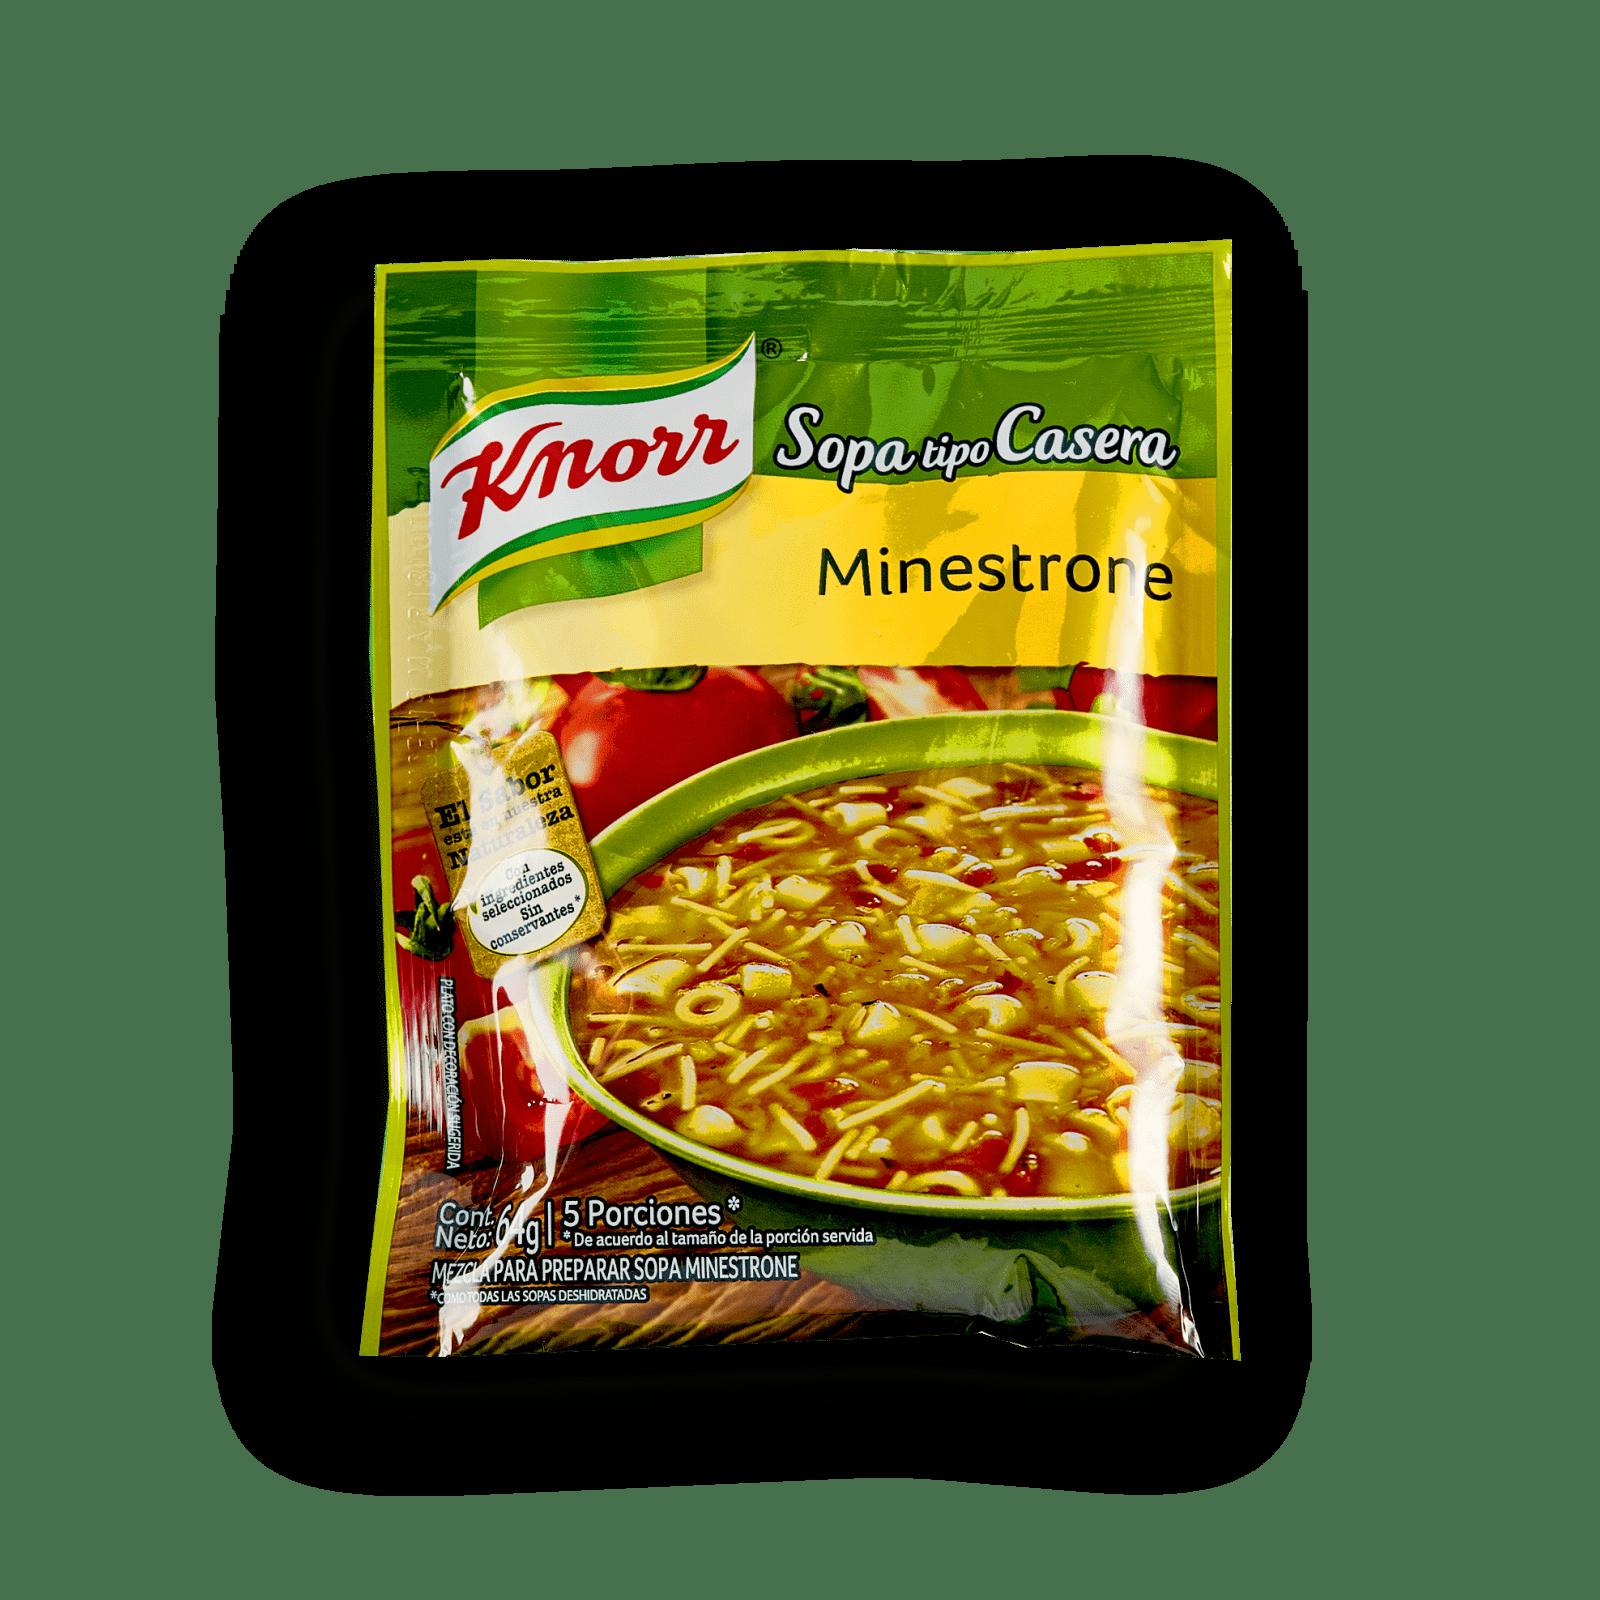 Sopa Tipo Casera Knorr Minestrone